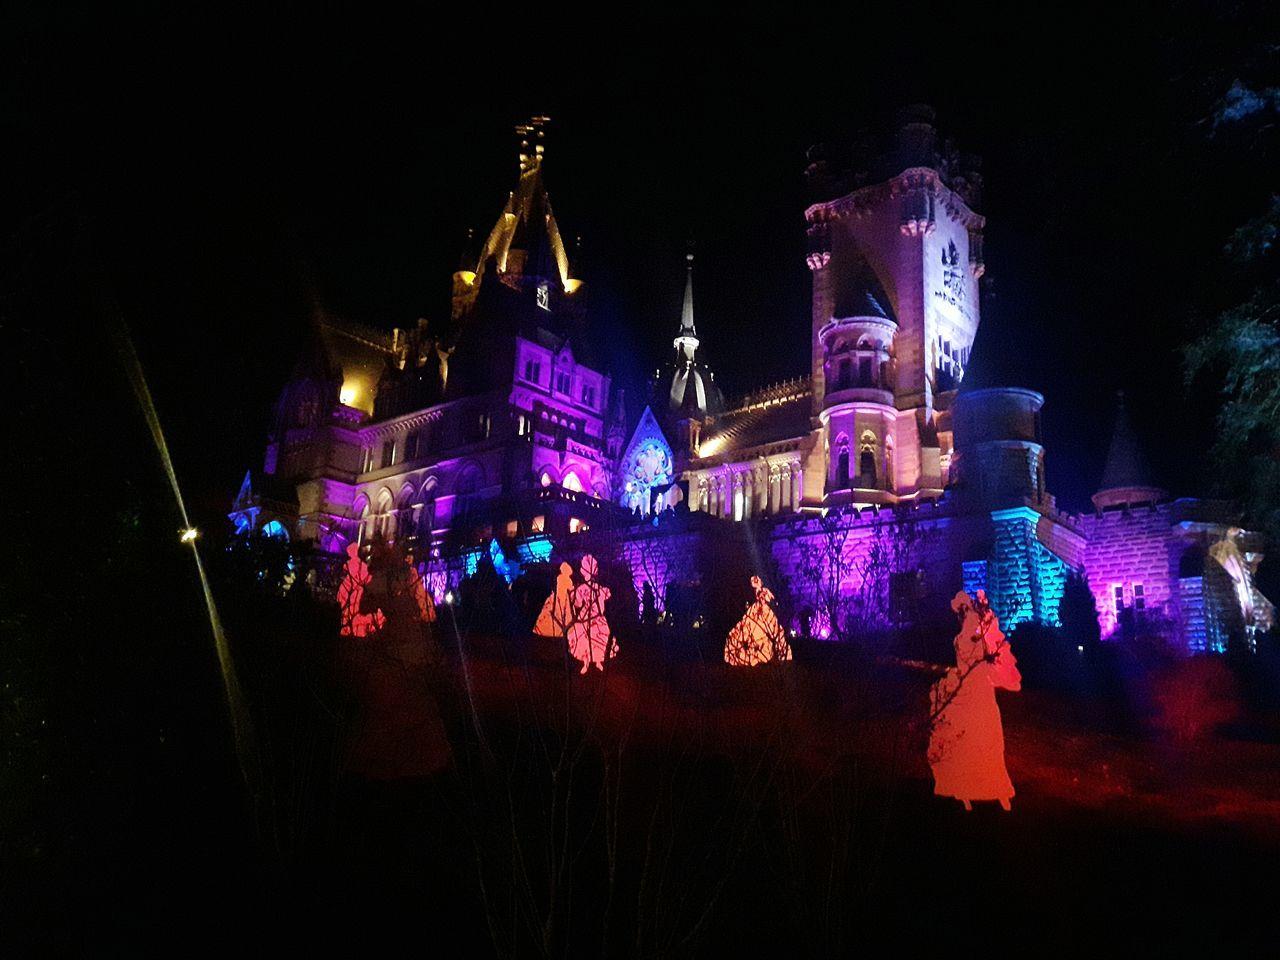 Schloss Night Performance Lichtspiele Weihnachtsmarkt Spazieren Und Fotografieren Outdoors Photograpghy  Schloss Drachenburg Hello World